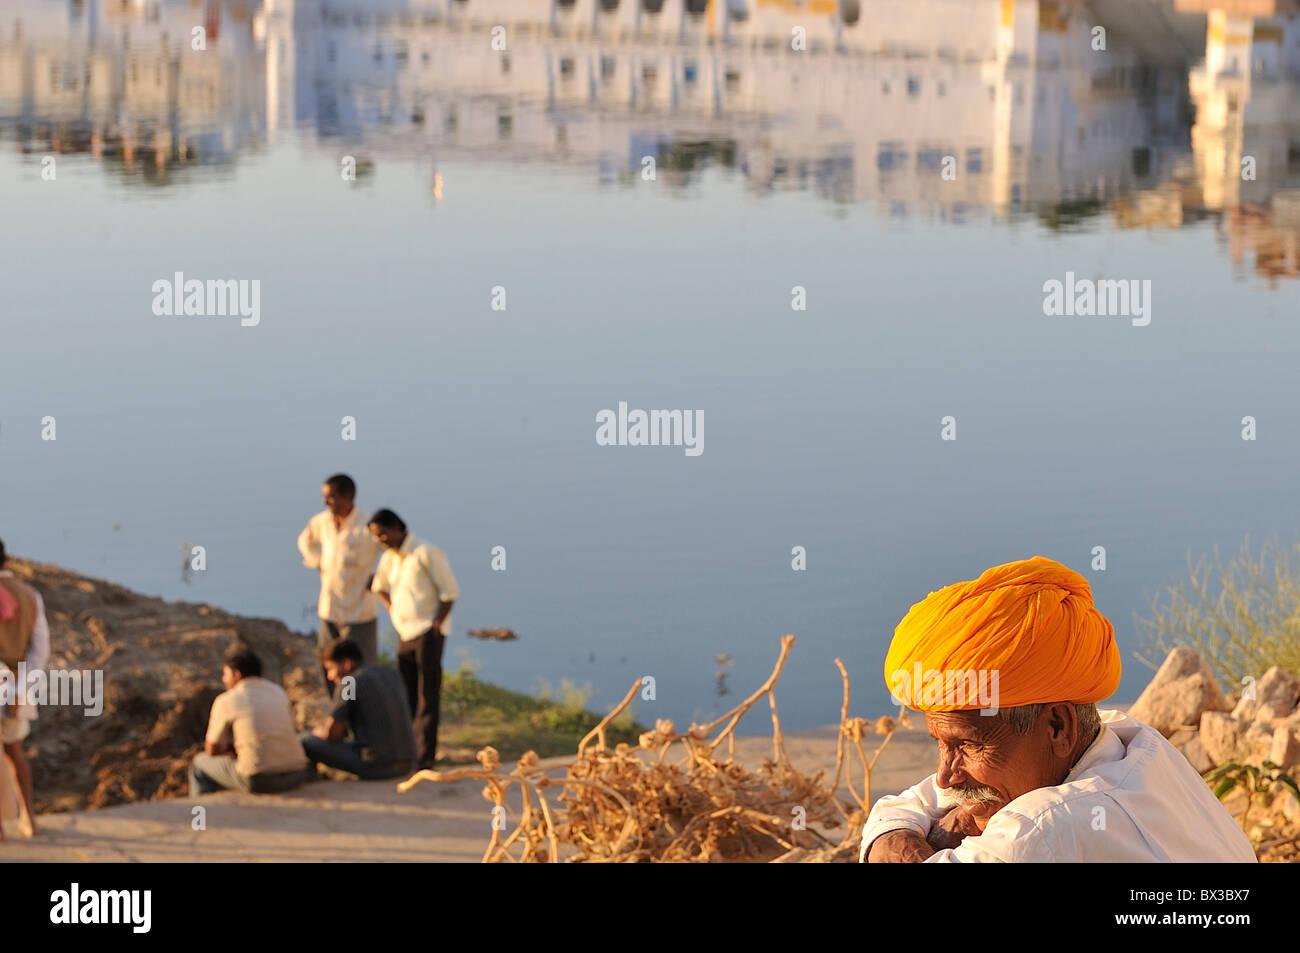 Rajput Stock Photos & Rajput Stock Images - Alamy